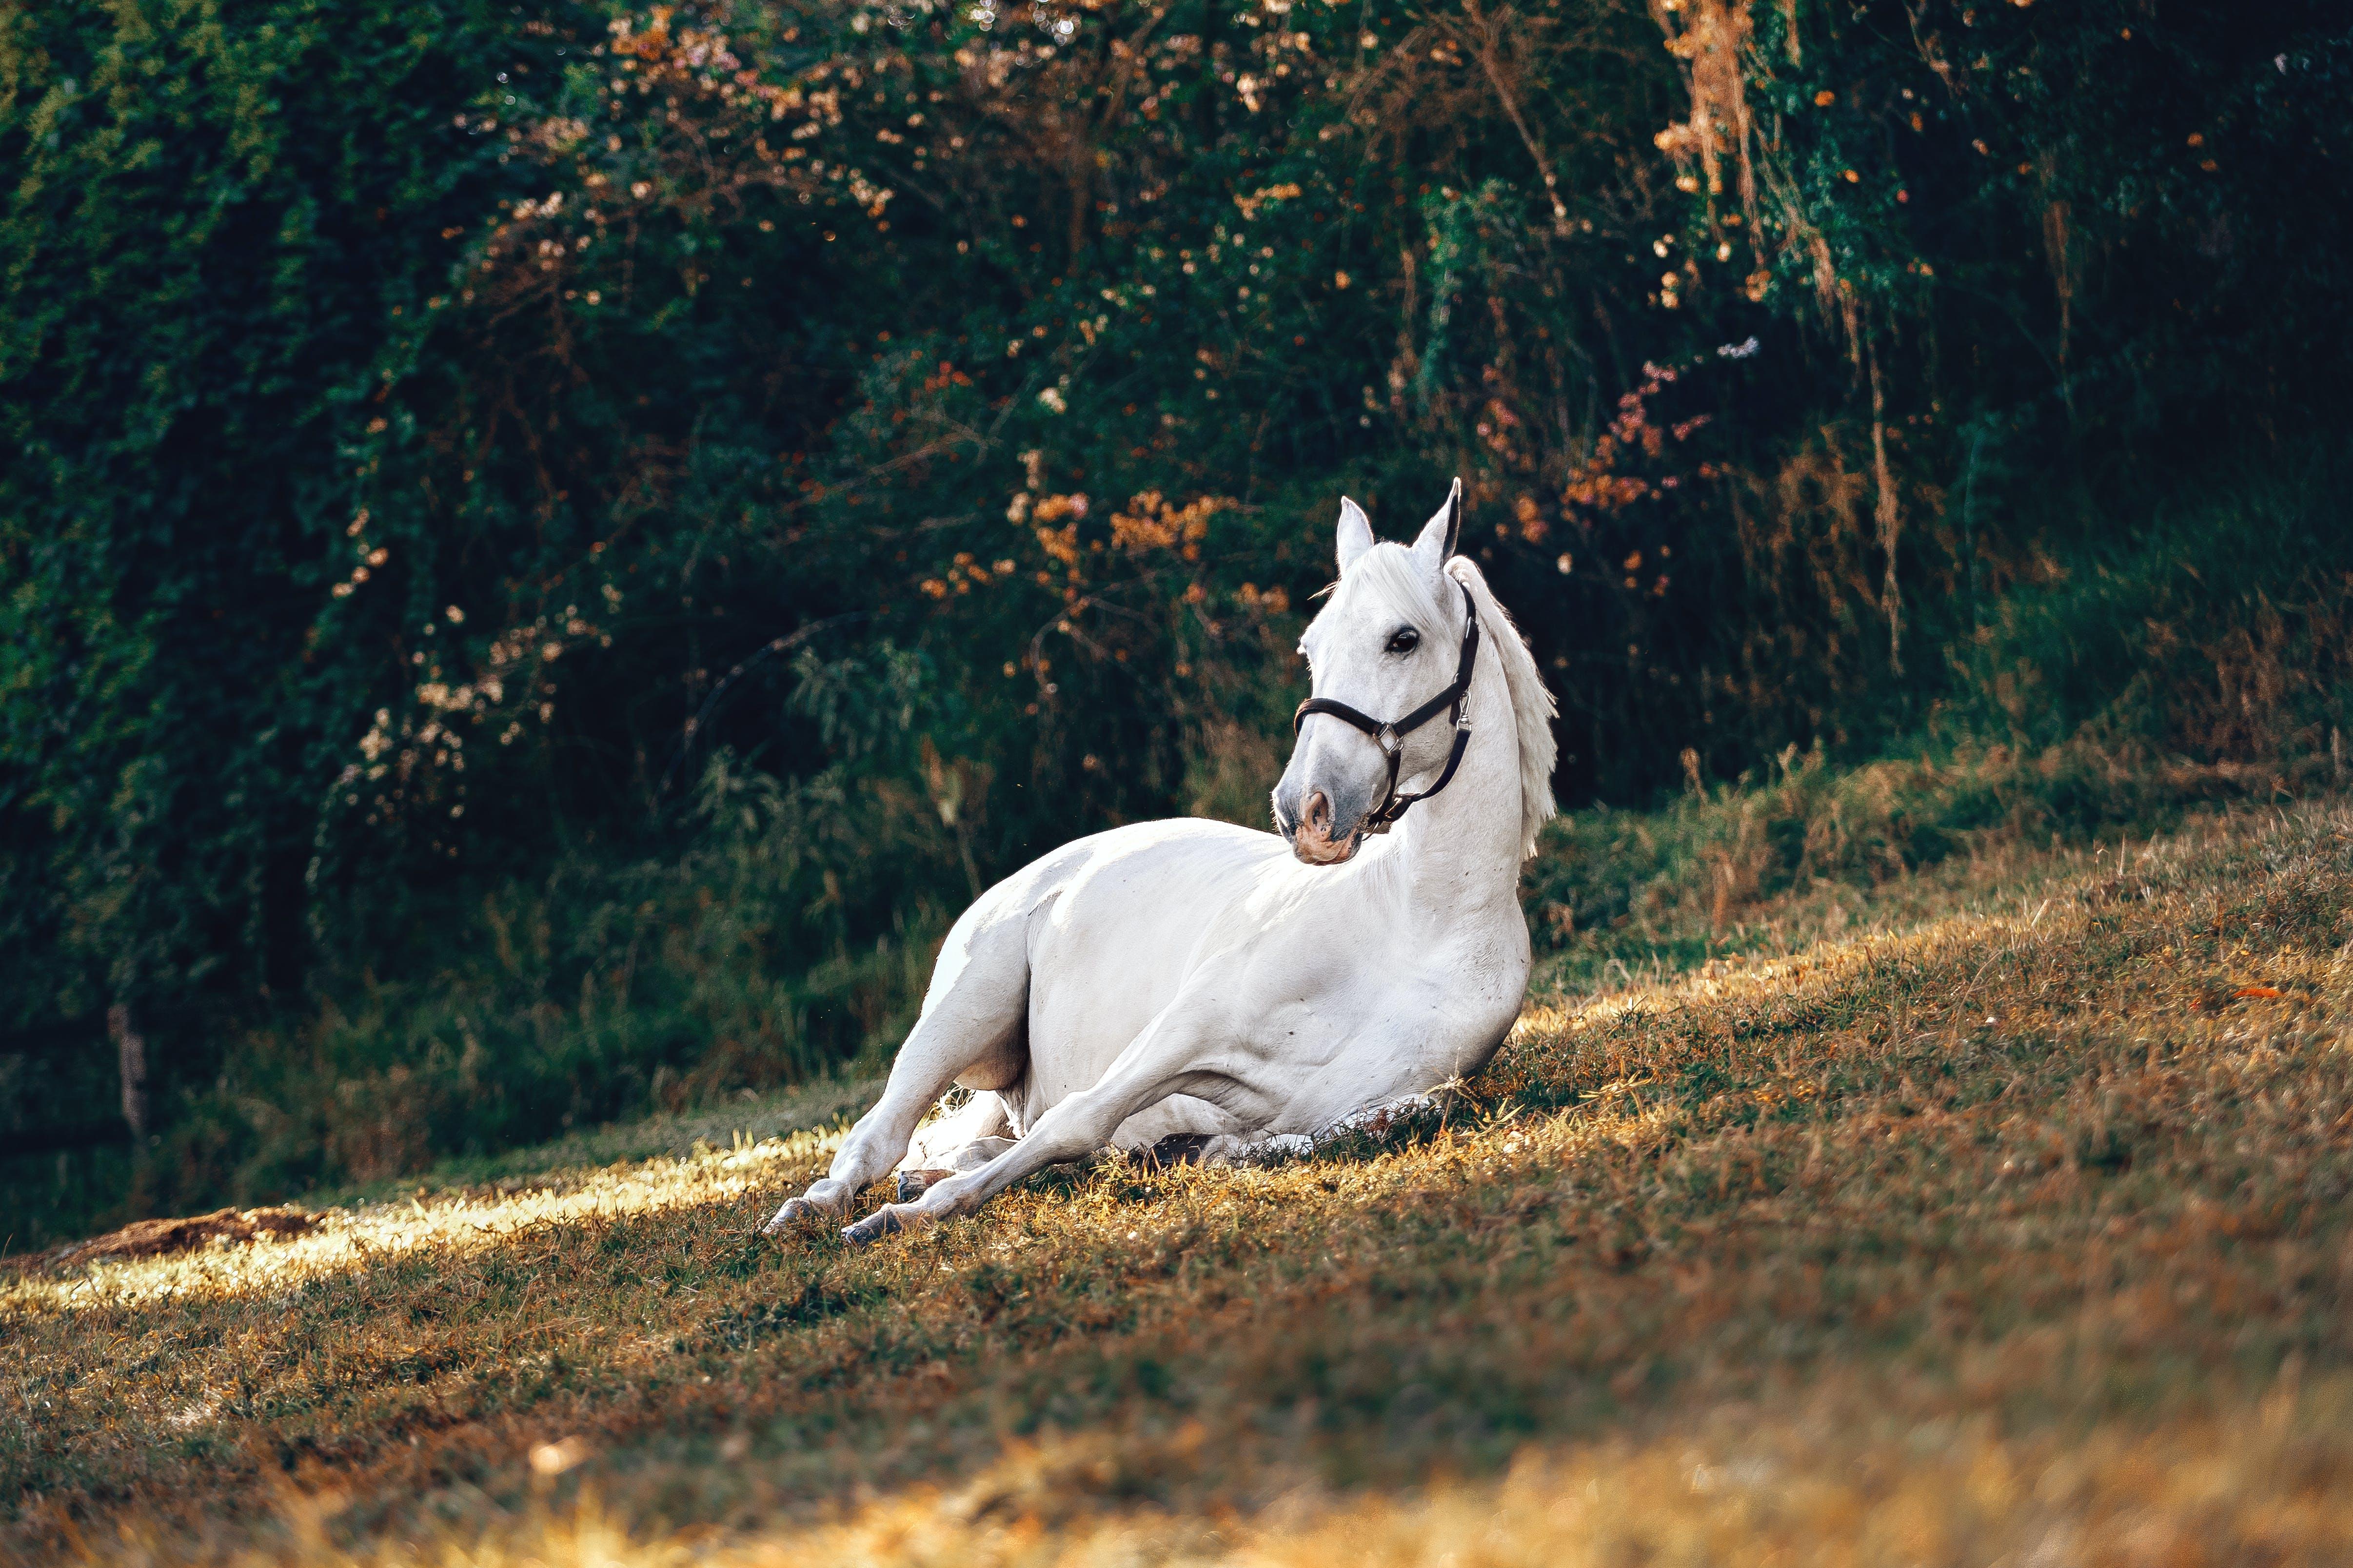 Ilmainen kuvapankkikuva tunnisteilla eläin, hevonen, kaunis, kotieläin